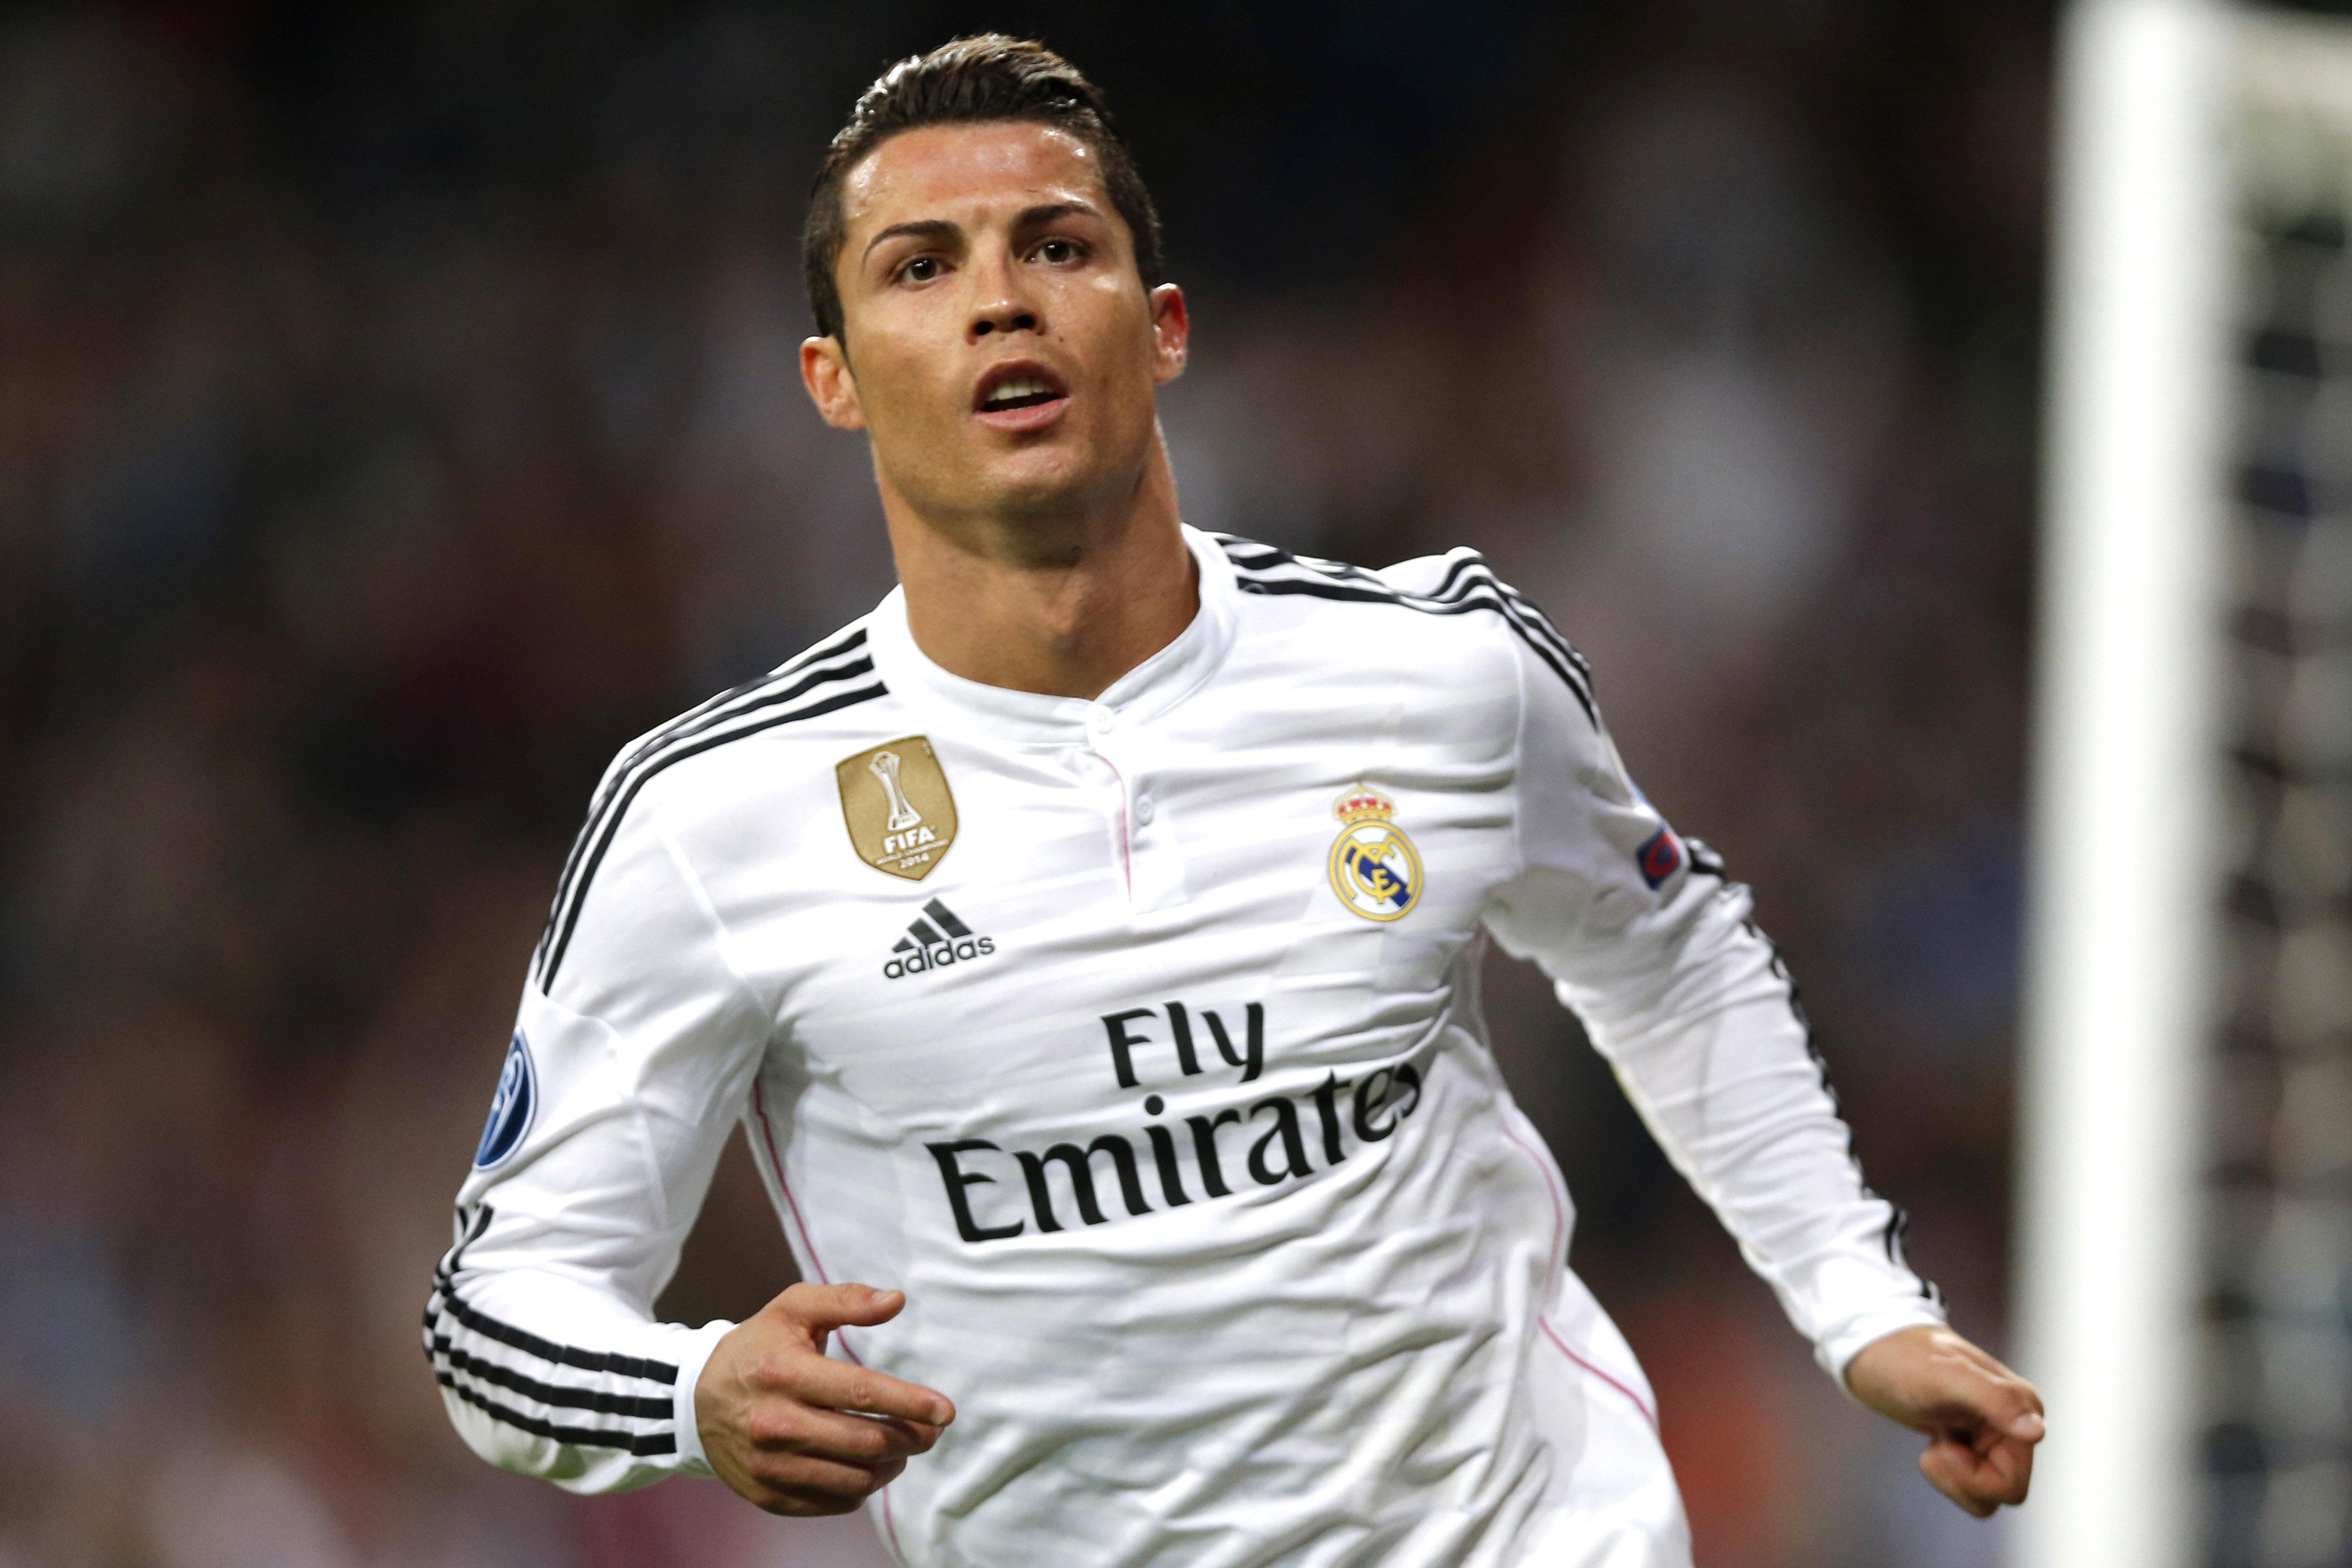 هل يرحل رونالدو عن ريال مدريد؟.. التفاصيل الكاملة